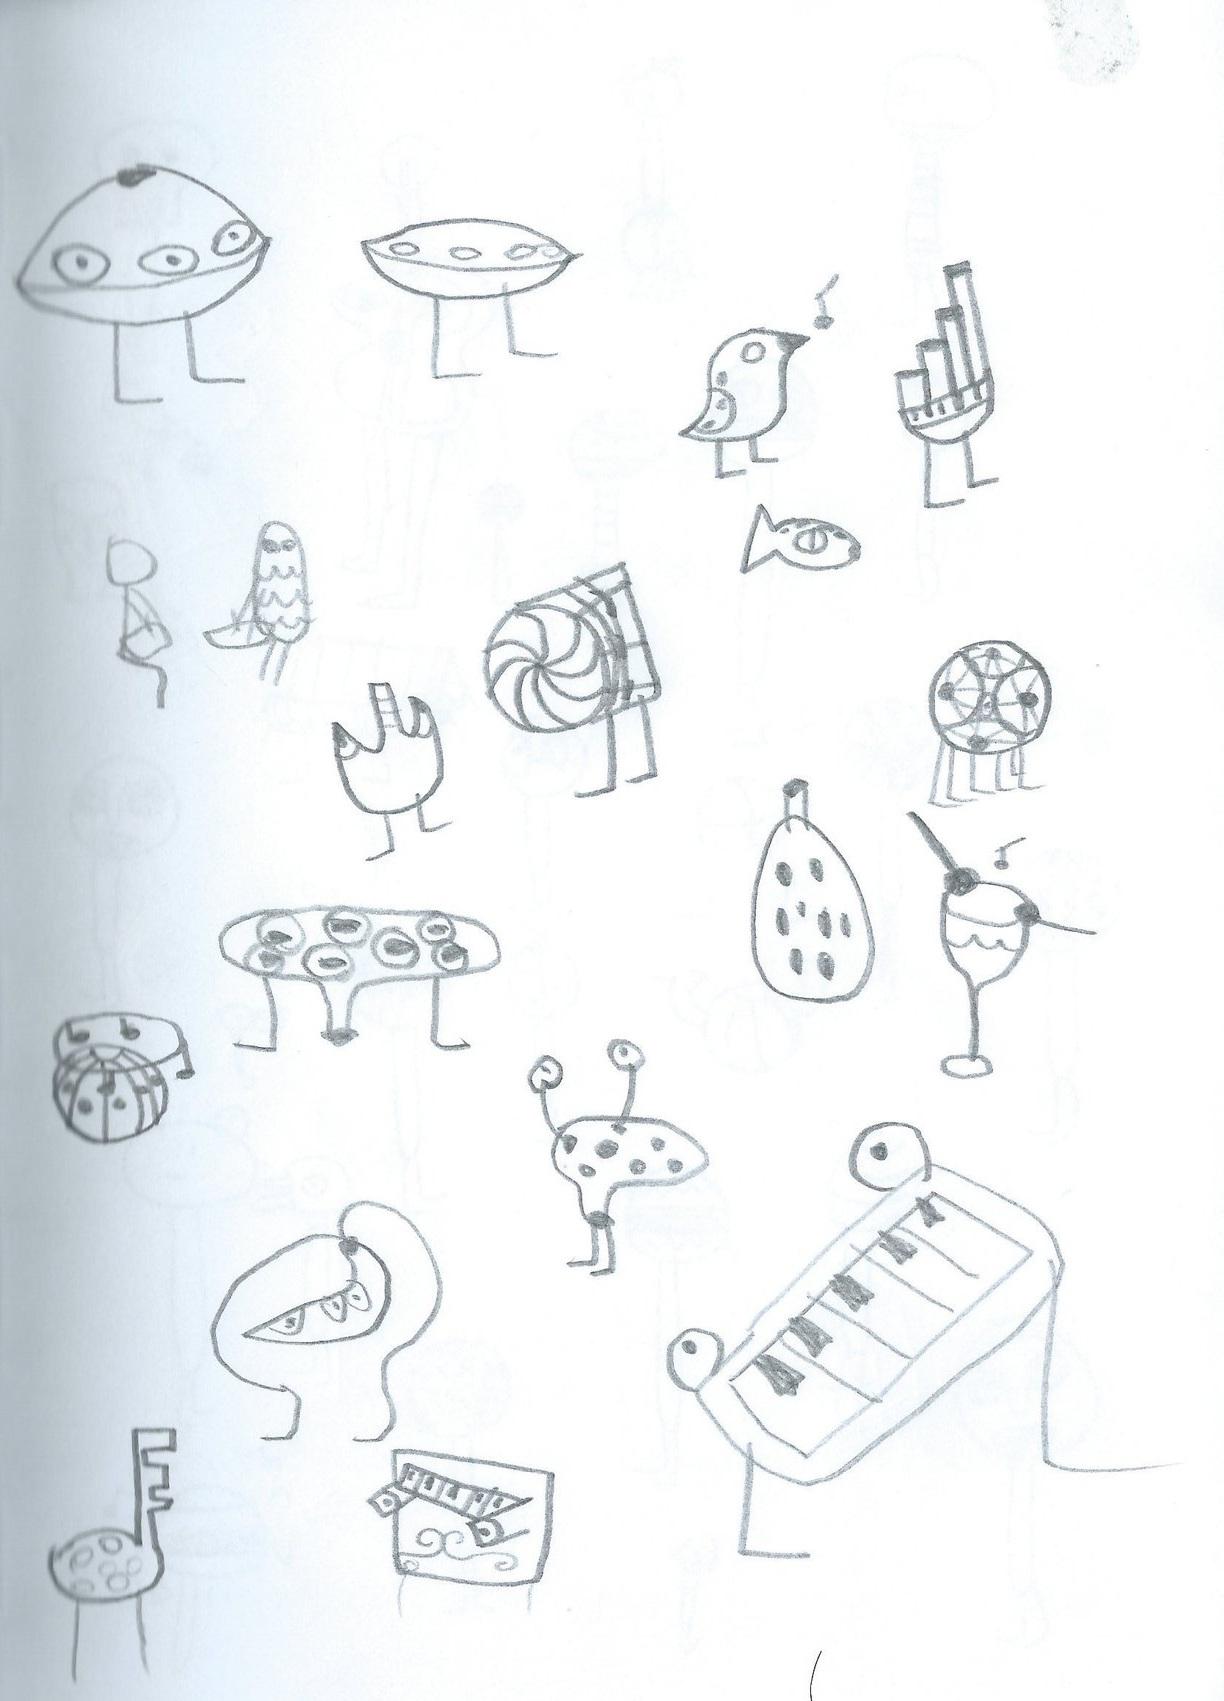 Music-Instruments-Design.JPG